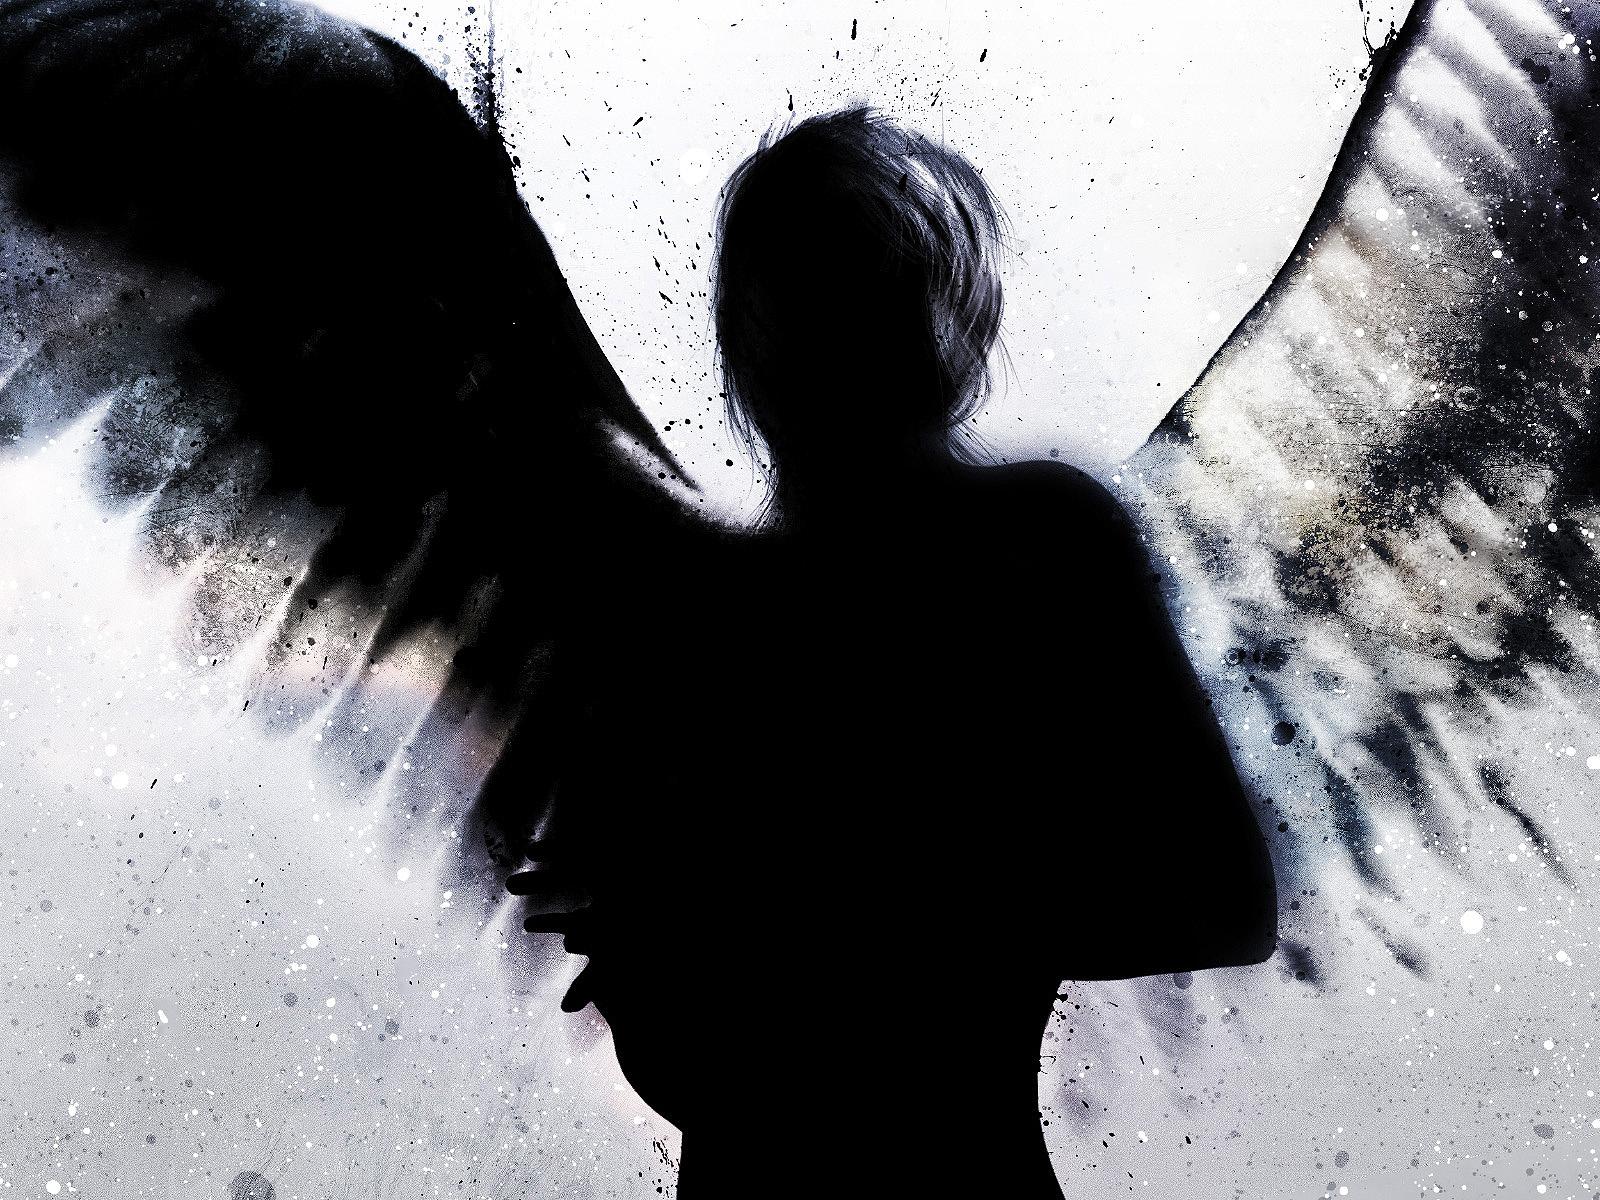 http://2.bp.blogspot.com/-e7RVRHMpGRU/TtksIvhQkuI/AAAAAAAABZg/yCTAmpQgCDY/s1600/dark-a.jpeg